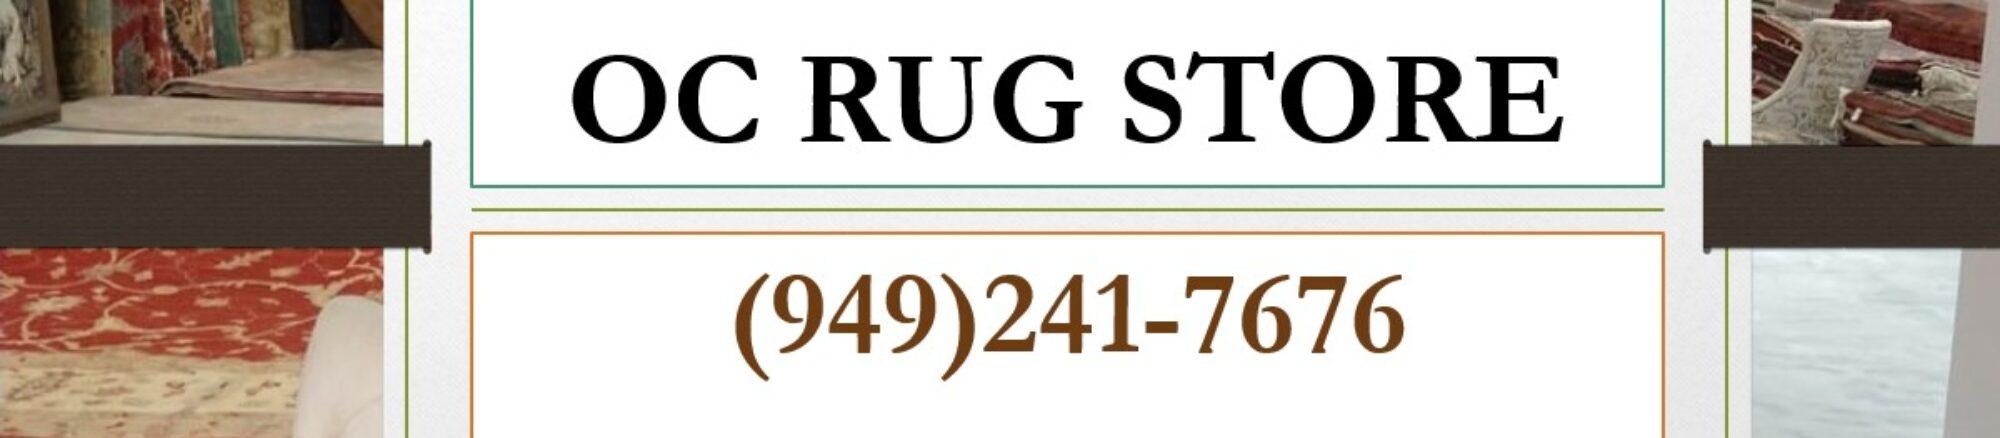 rug repair nbspOC RUG STORE